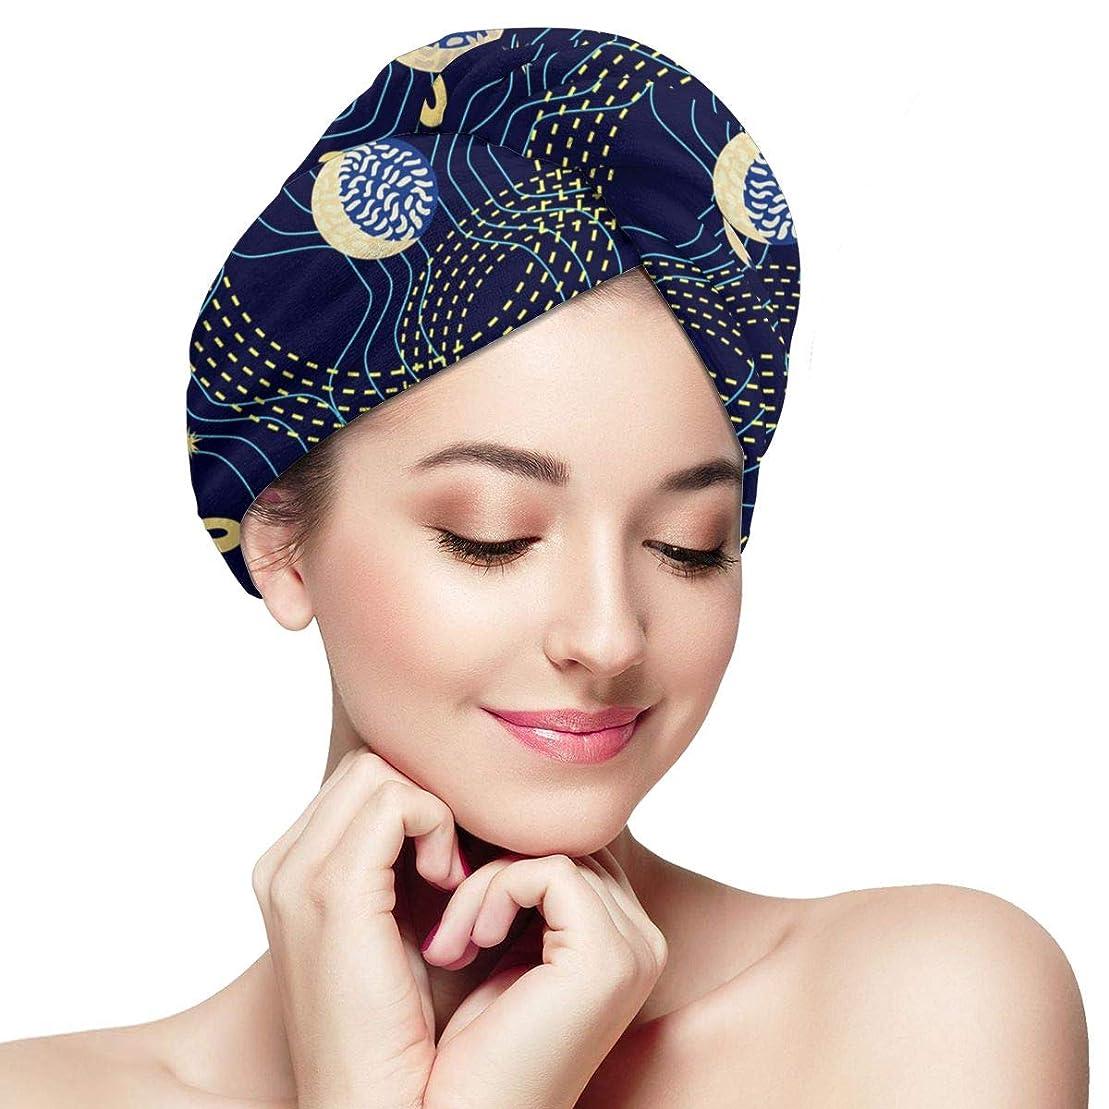 現実的精緻化新年タオルキャップ ドライヘアキャップ タオル 星座 空 シャワーキャップ ドライヘアアーティファクト 速乾性のアーティファクト Dry Hair Cap ヘアバンド ヘアタオル 吸水 速乾